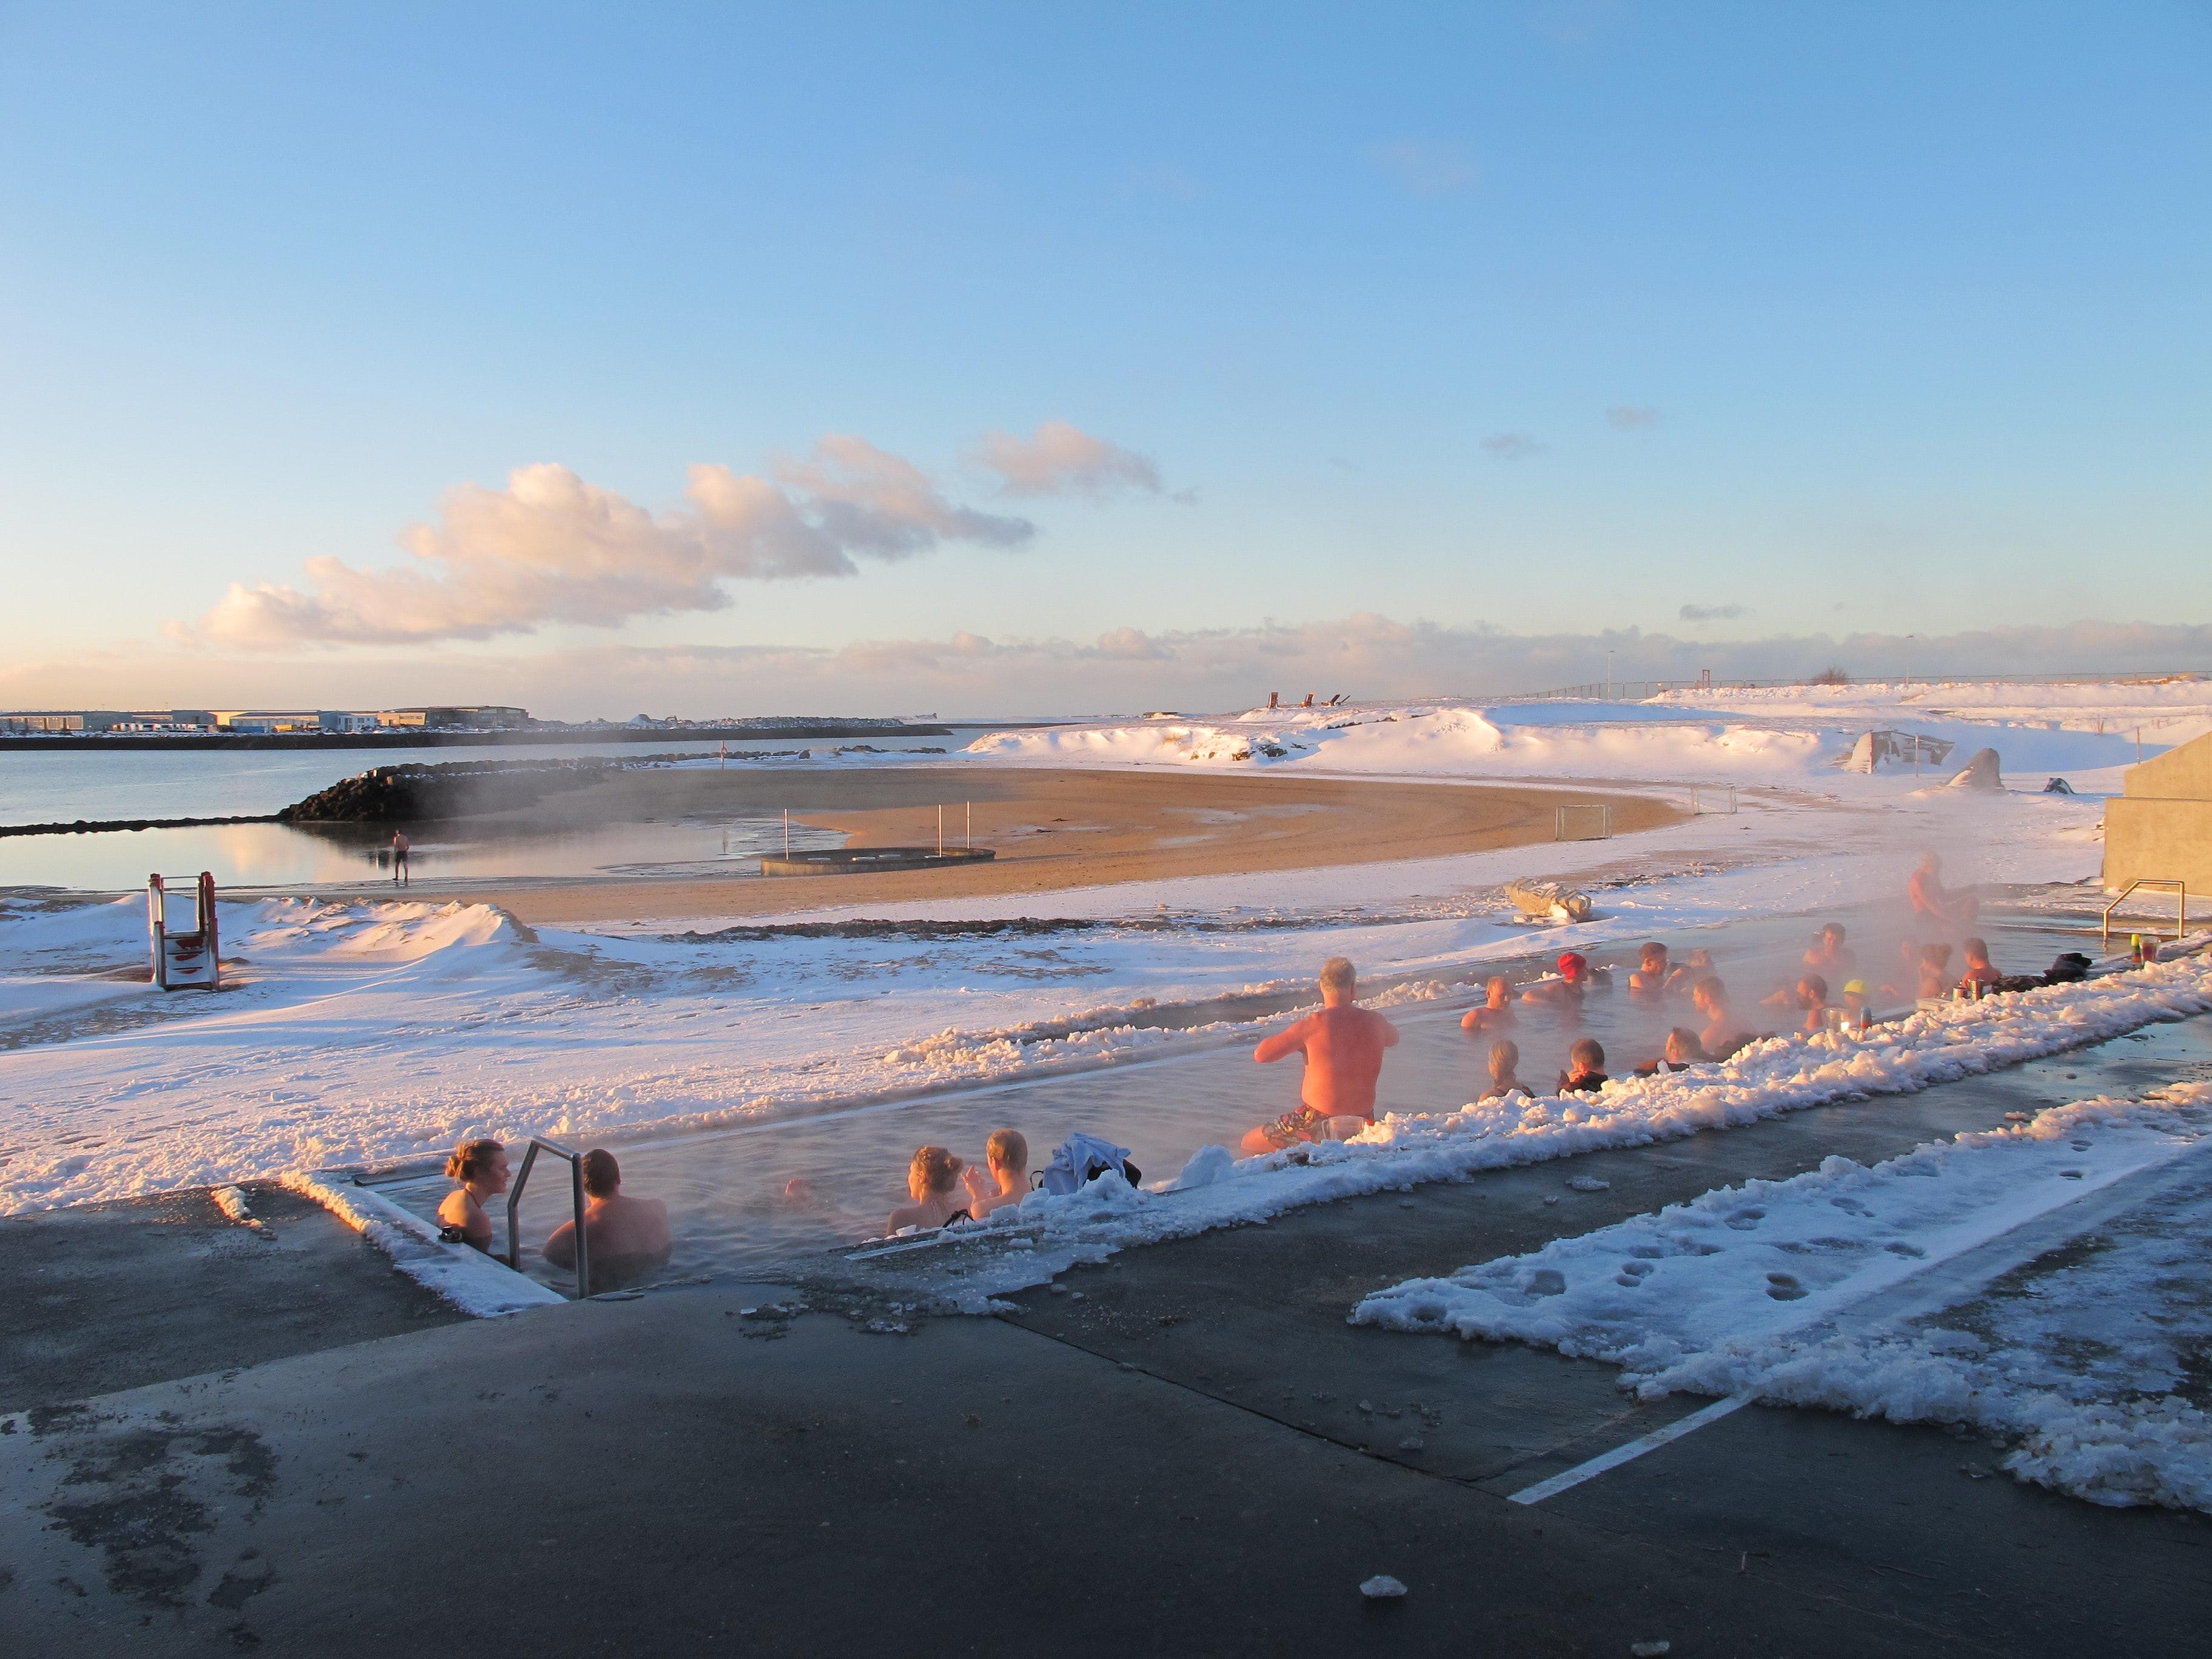 冰岛首都雷克雅未克温泉海滩